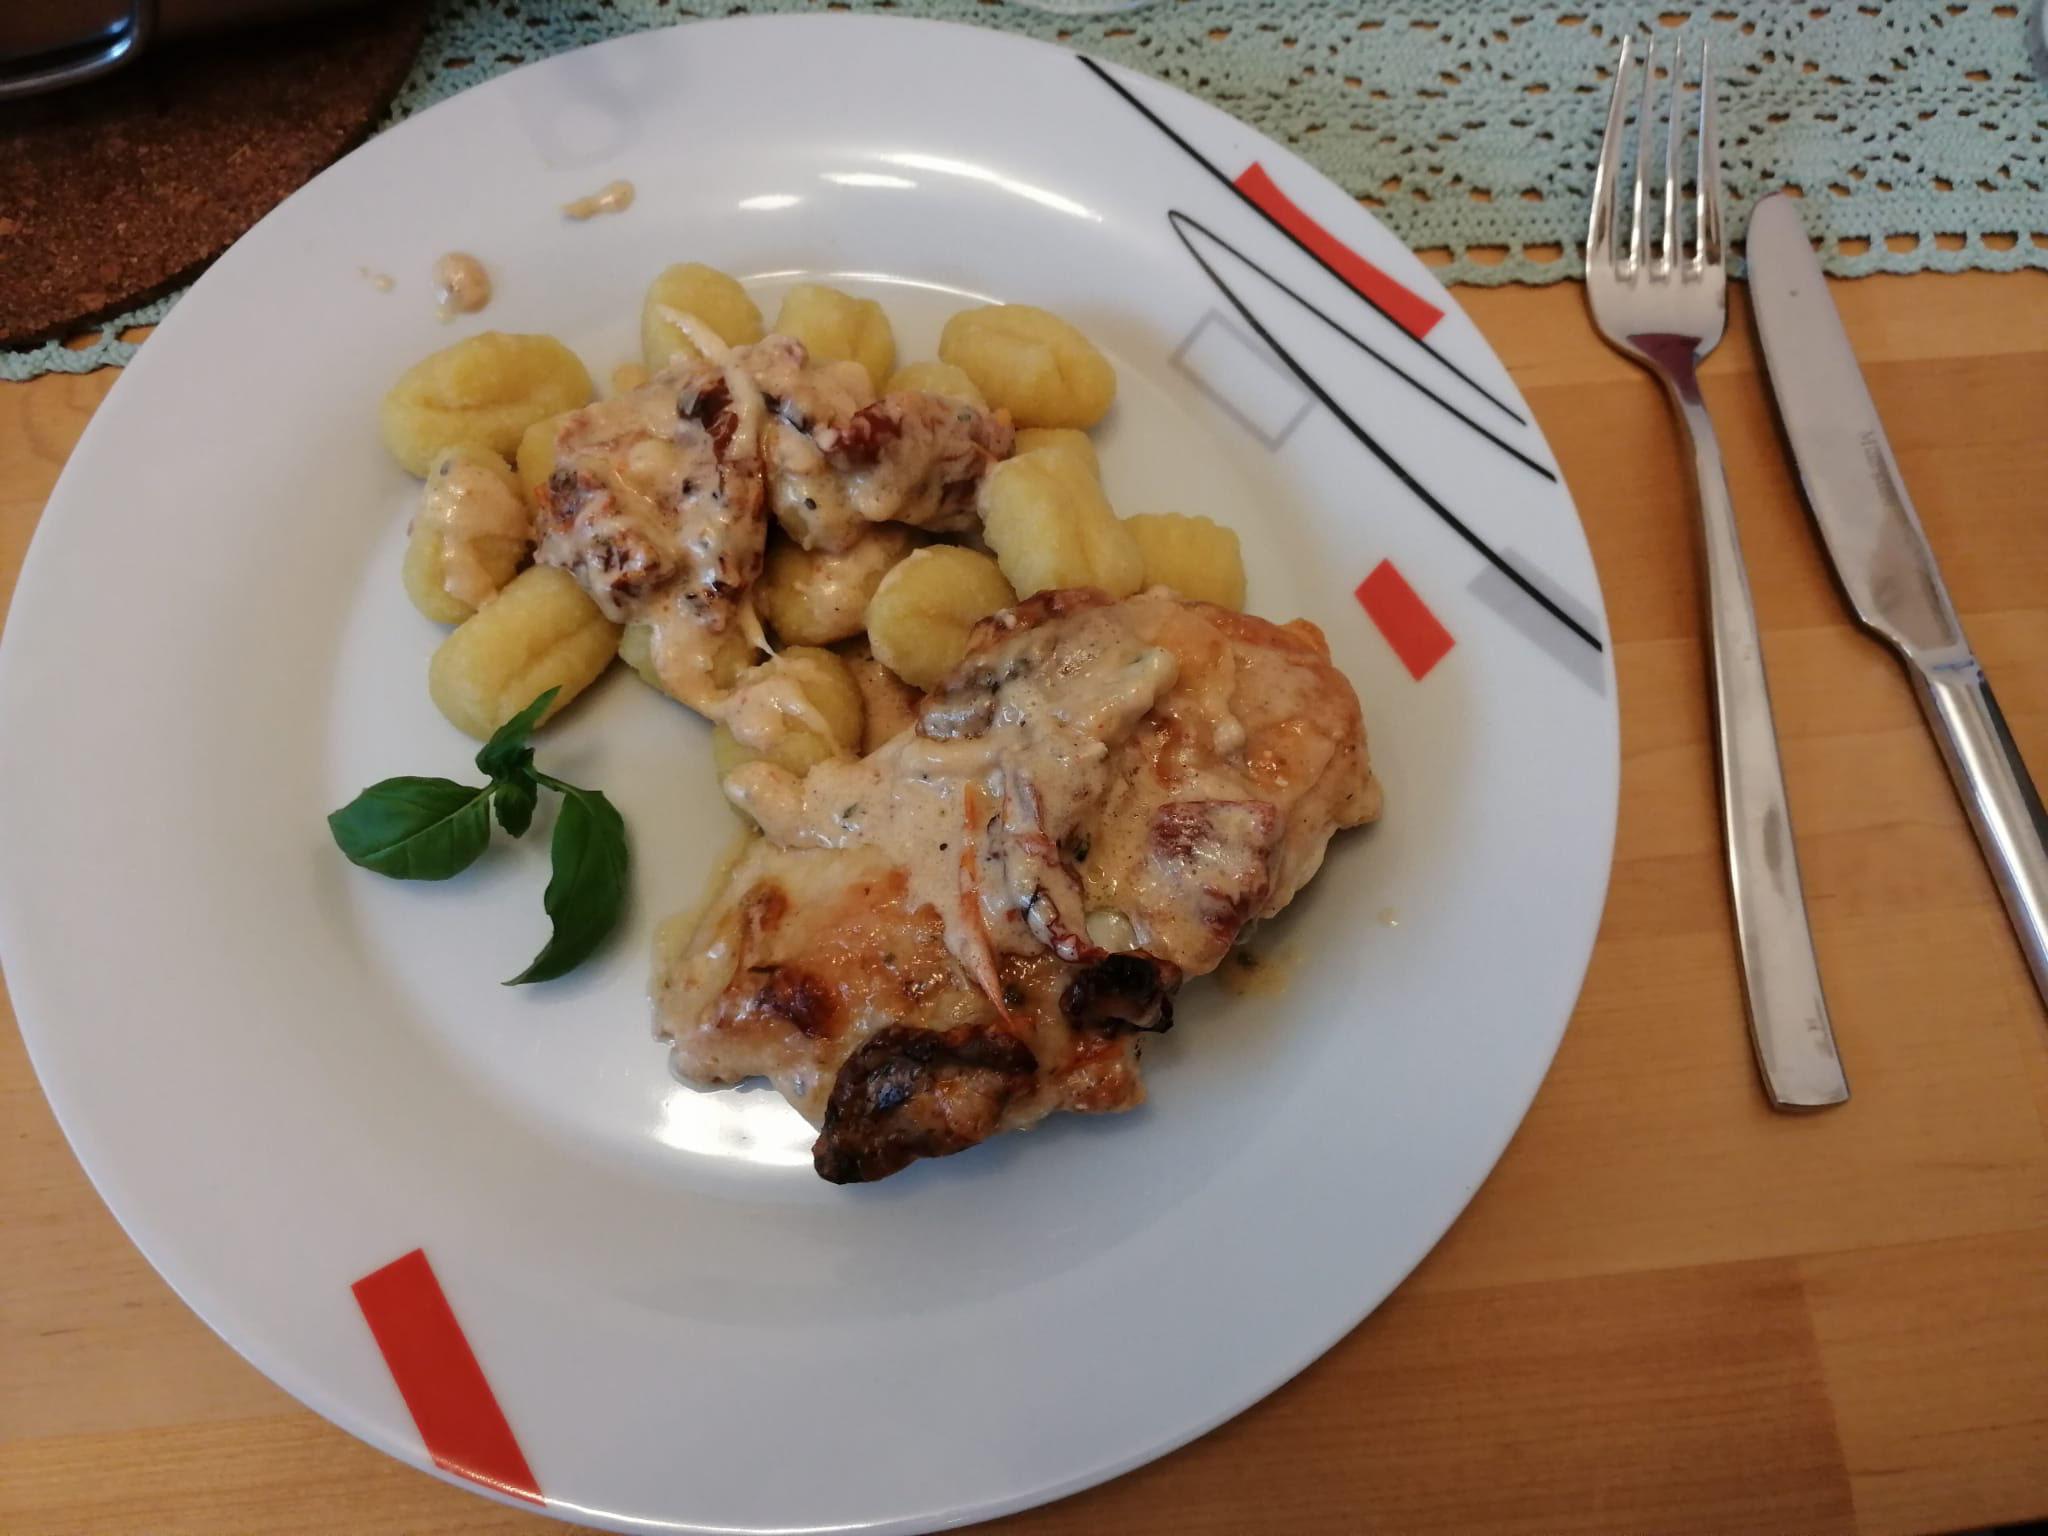 ...leckeres Sahne-Mozzarella Hähnchen mit Gnocchi zu.